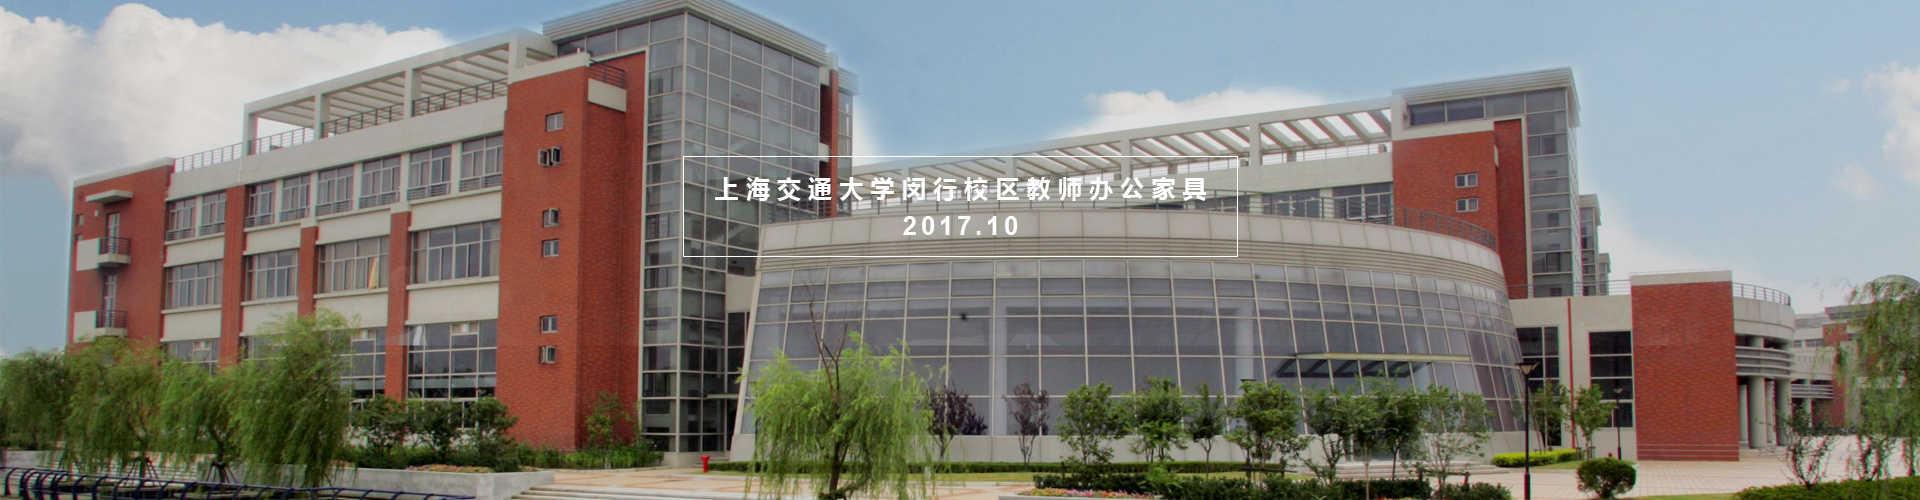 上海交通大�W�h行校�^教���k公家具